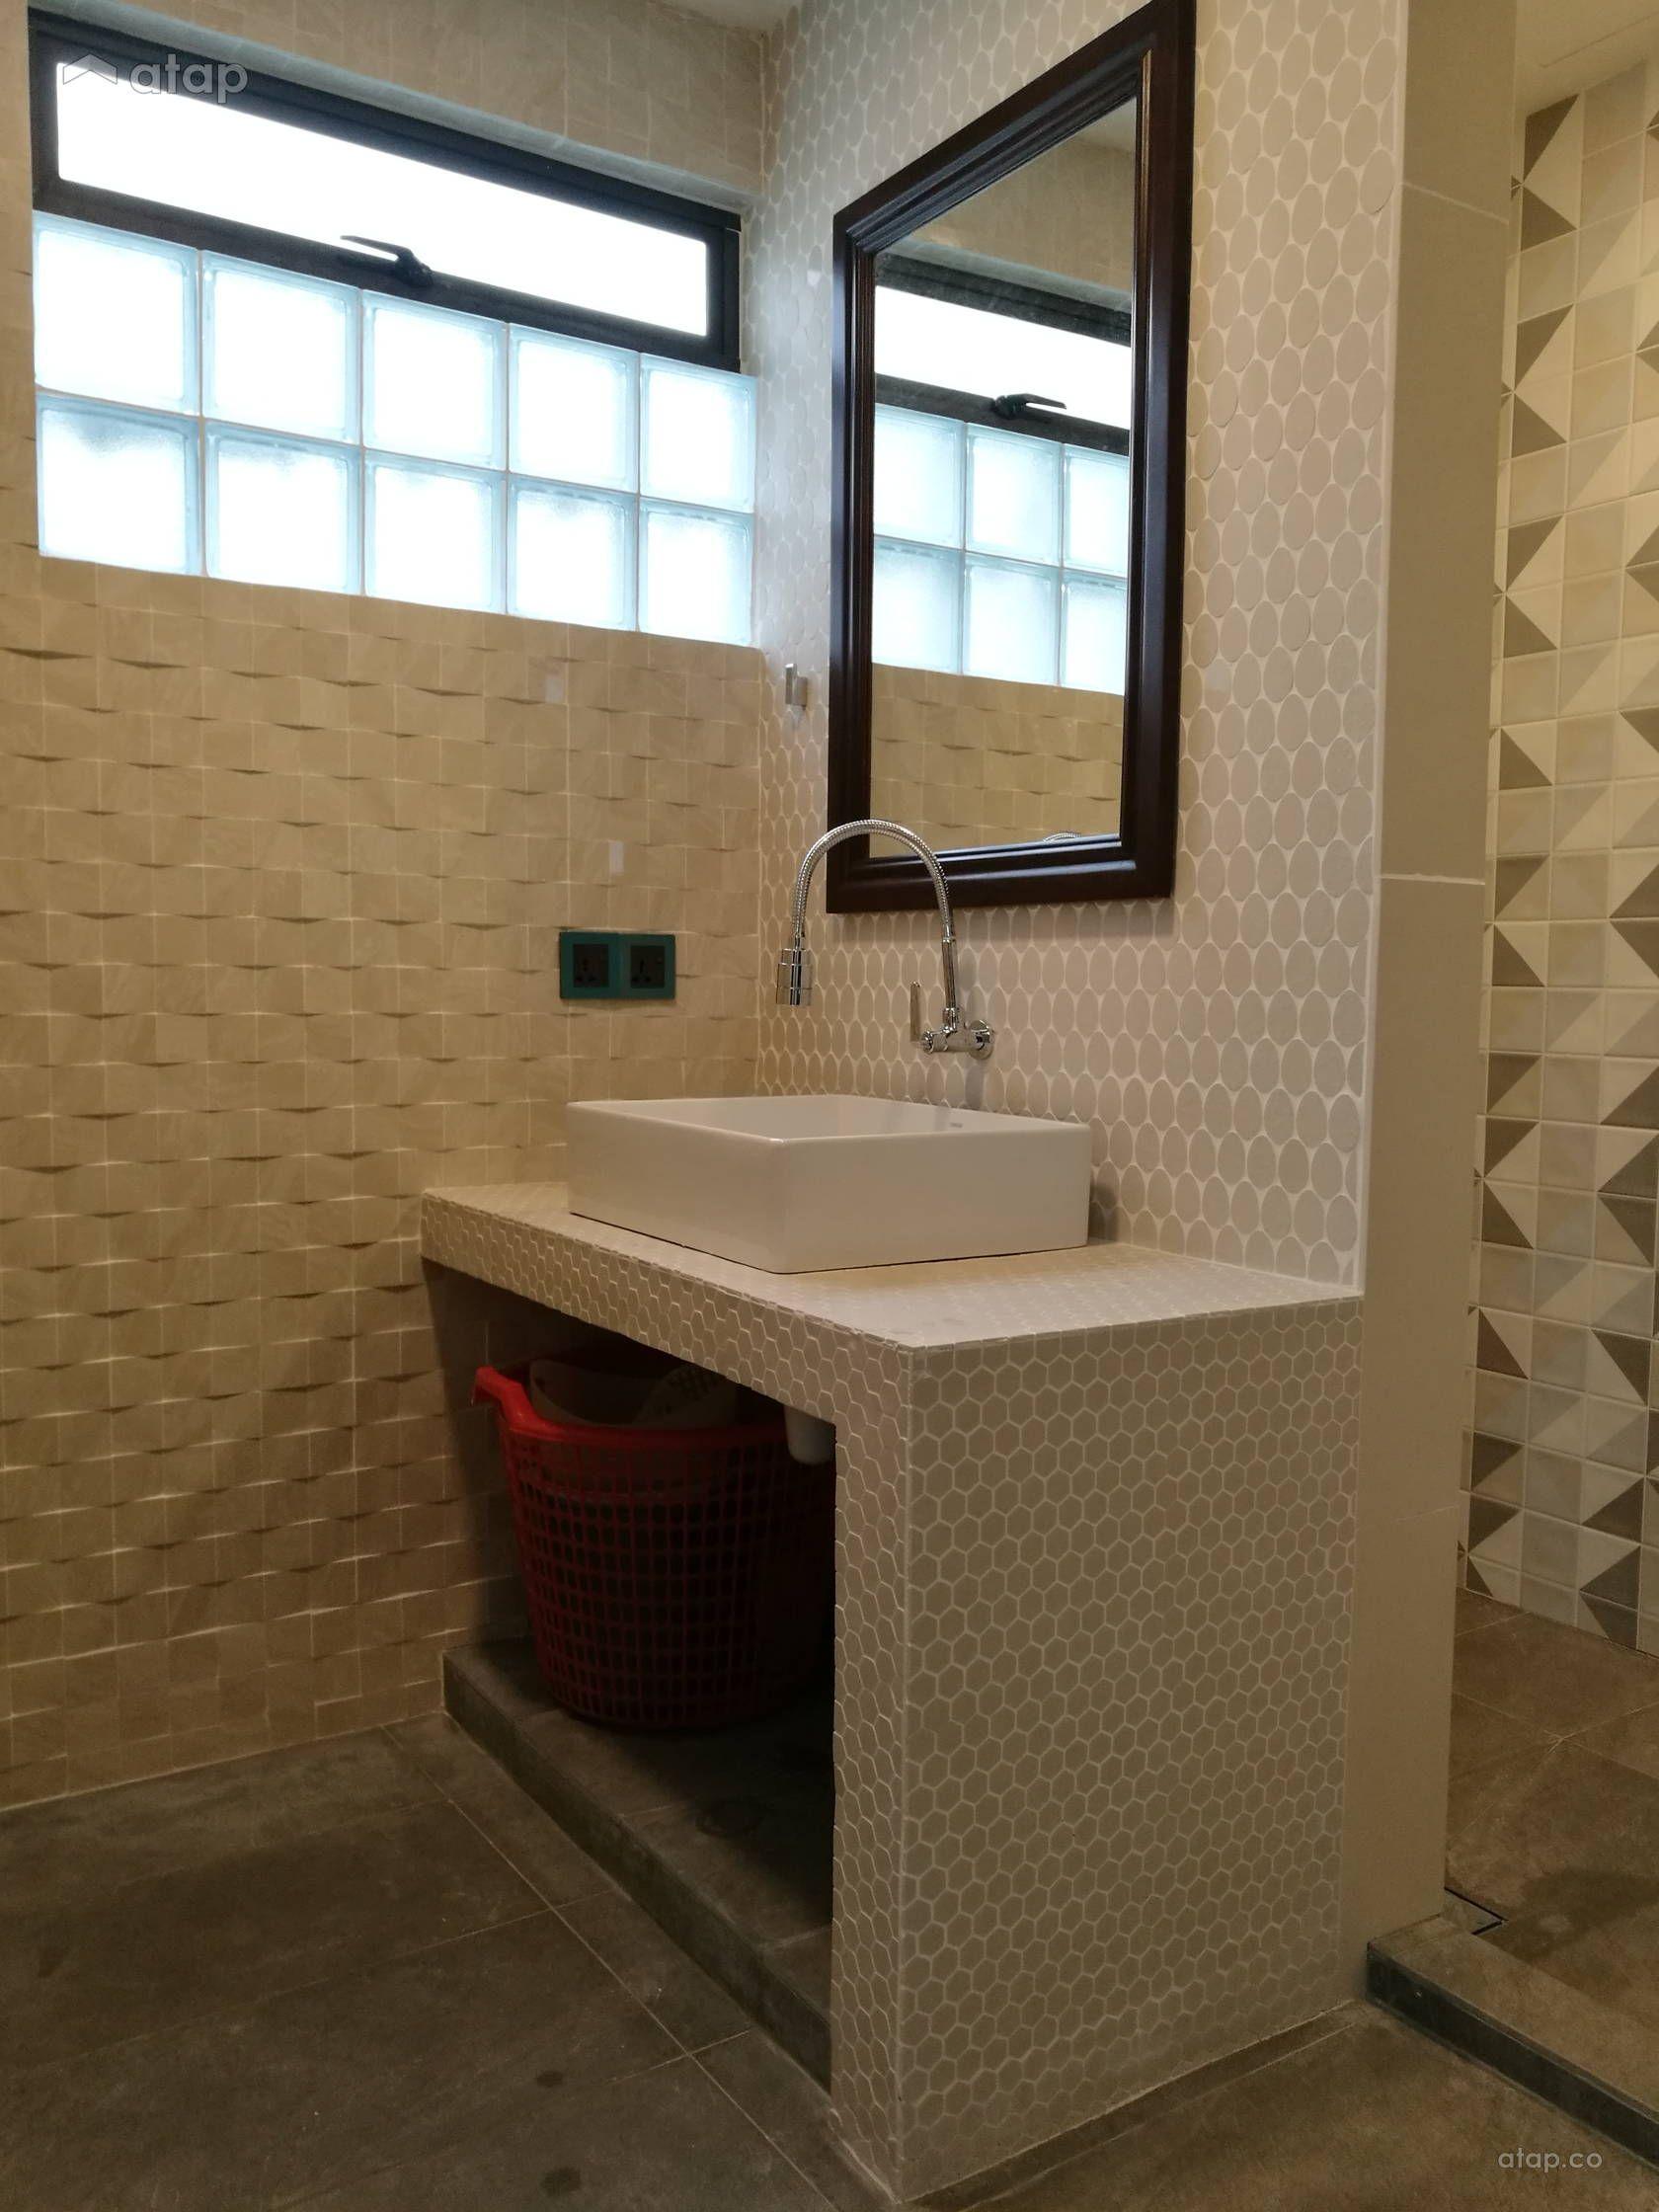 Contemporary Zen Bathroom Apartment Design Ideas Photos Malaysia Atap Co Zen Bathroom Design Zen Bathroom Bathroom Style